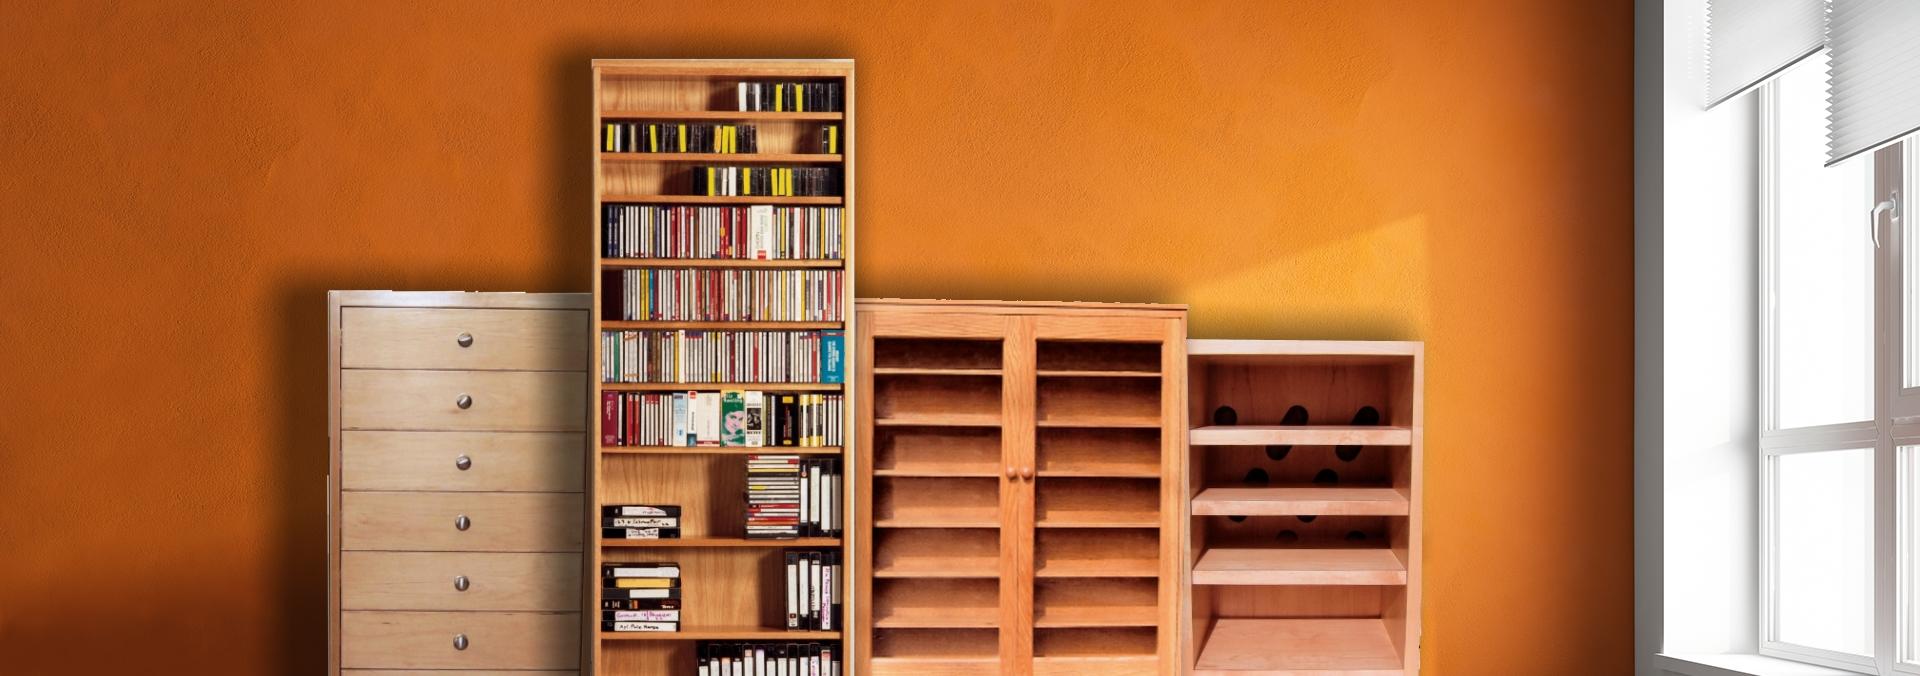 Ian Edwards Bespoke Furniture Range